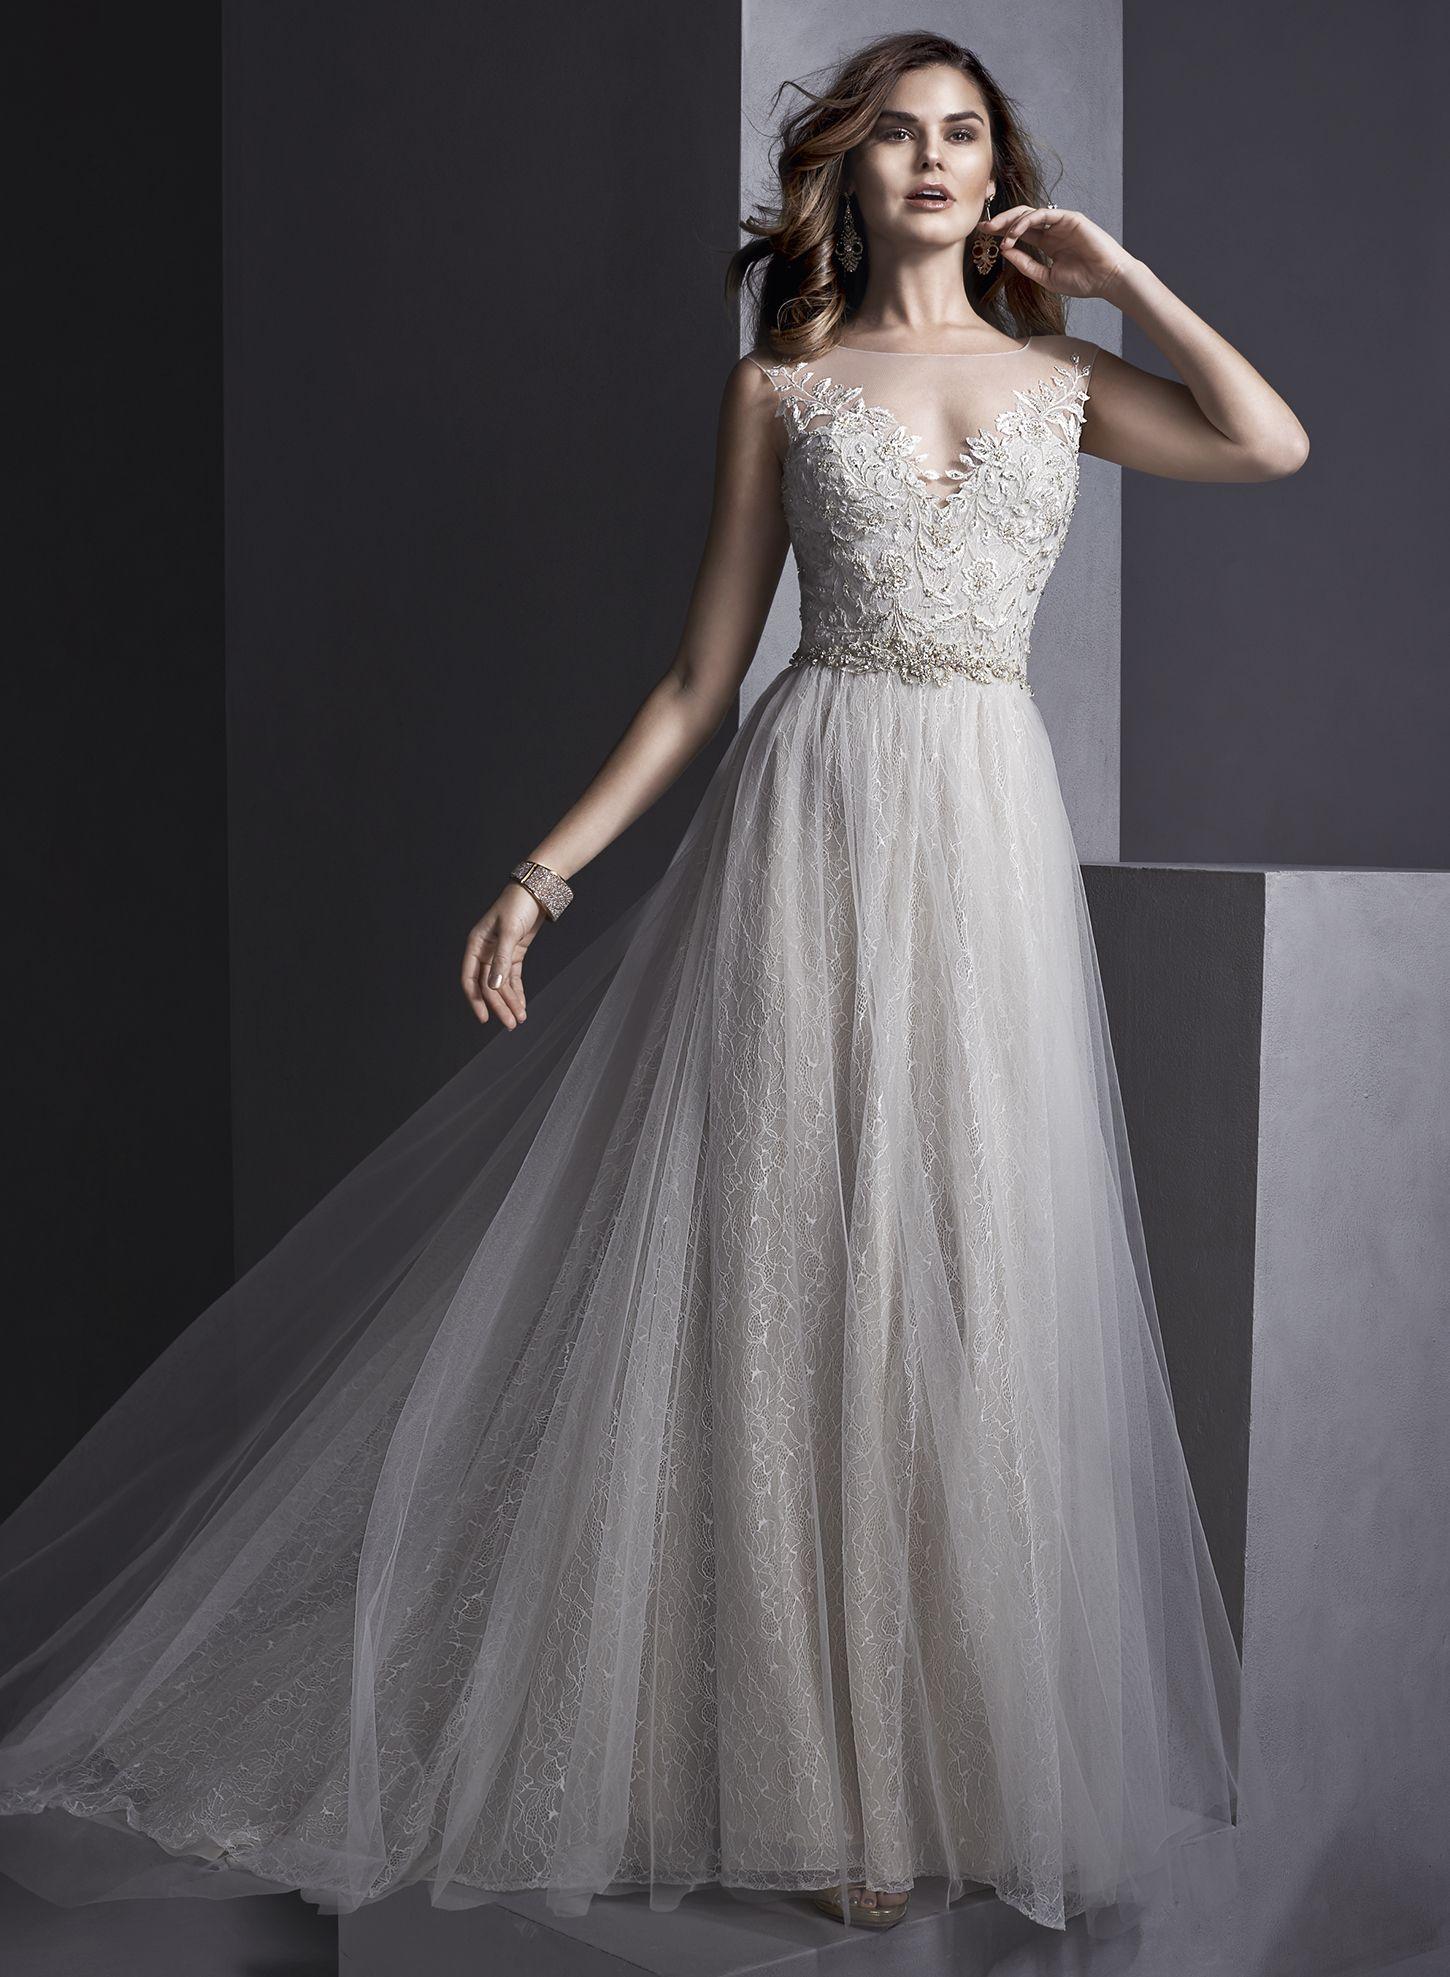 atelierdelanoviabogota #vestidodeboda #vestidodenovia #bodabogota ...